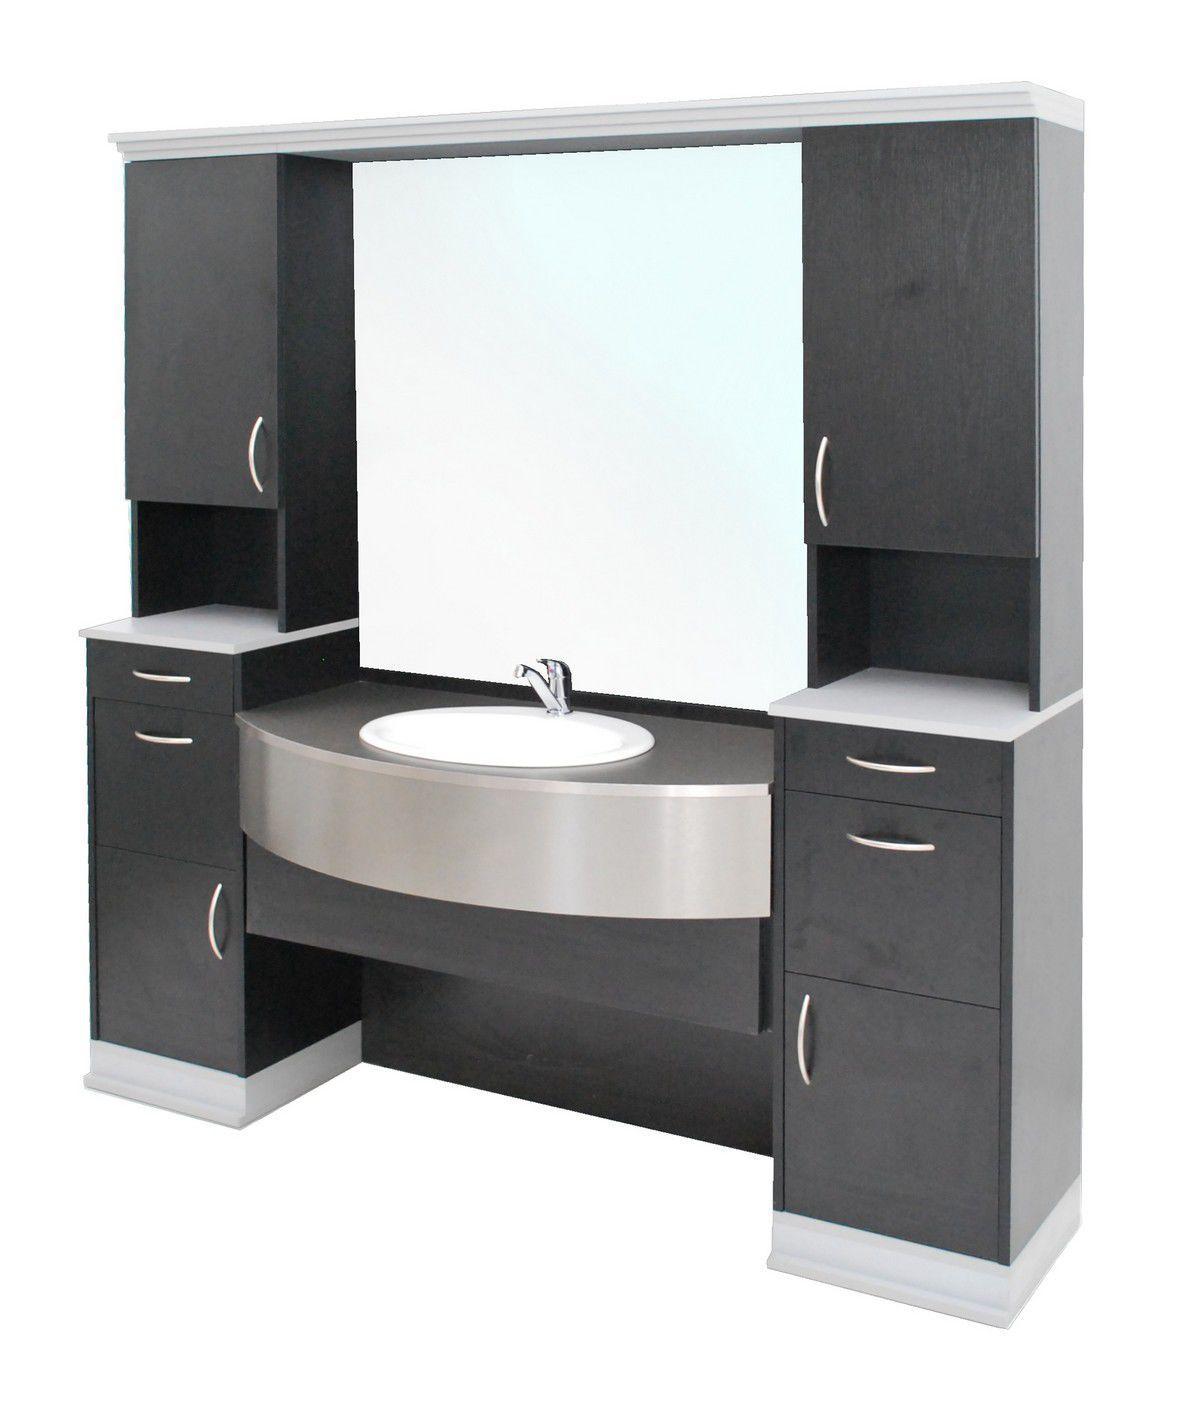 Mueble De Lavabo De Pie De Madera Moderno Con Espejo  # Muebles Tocadores Modernos